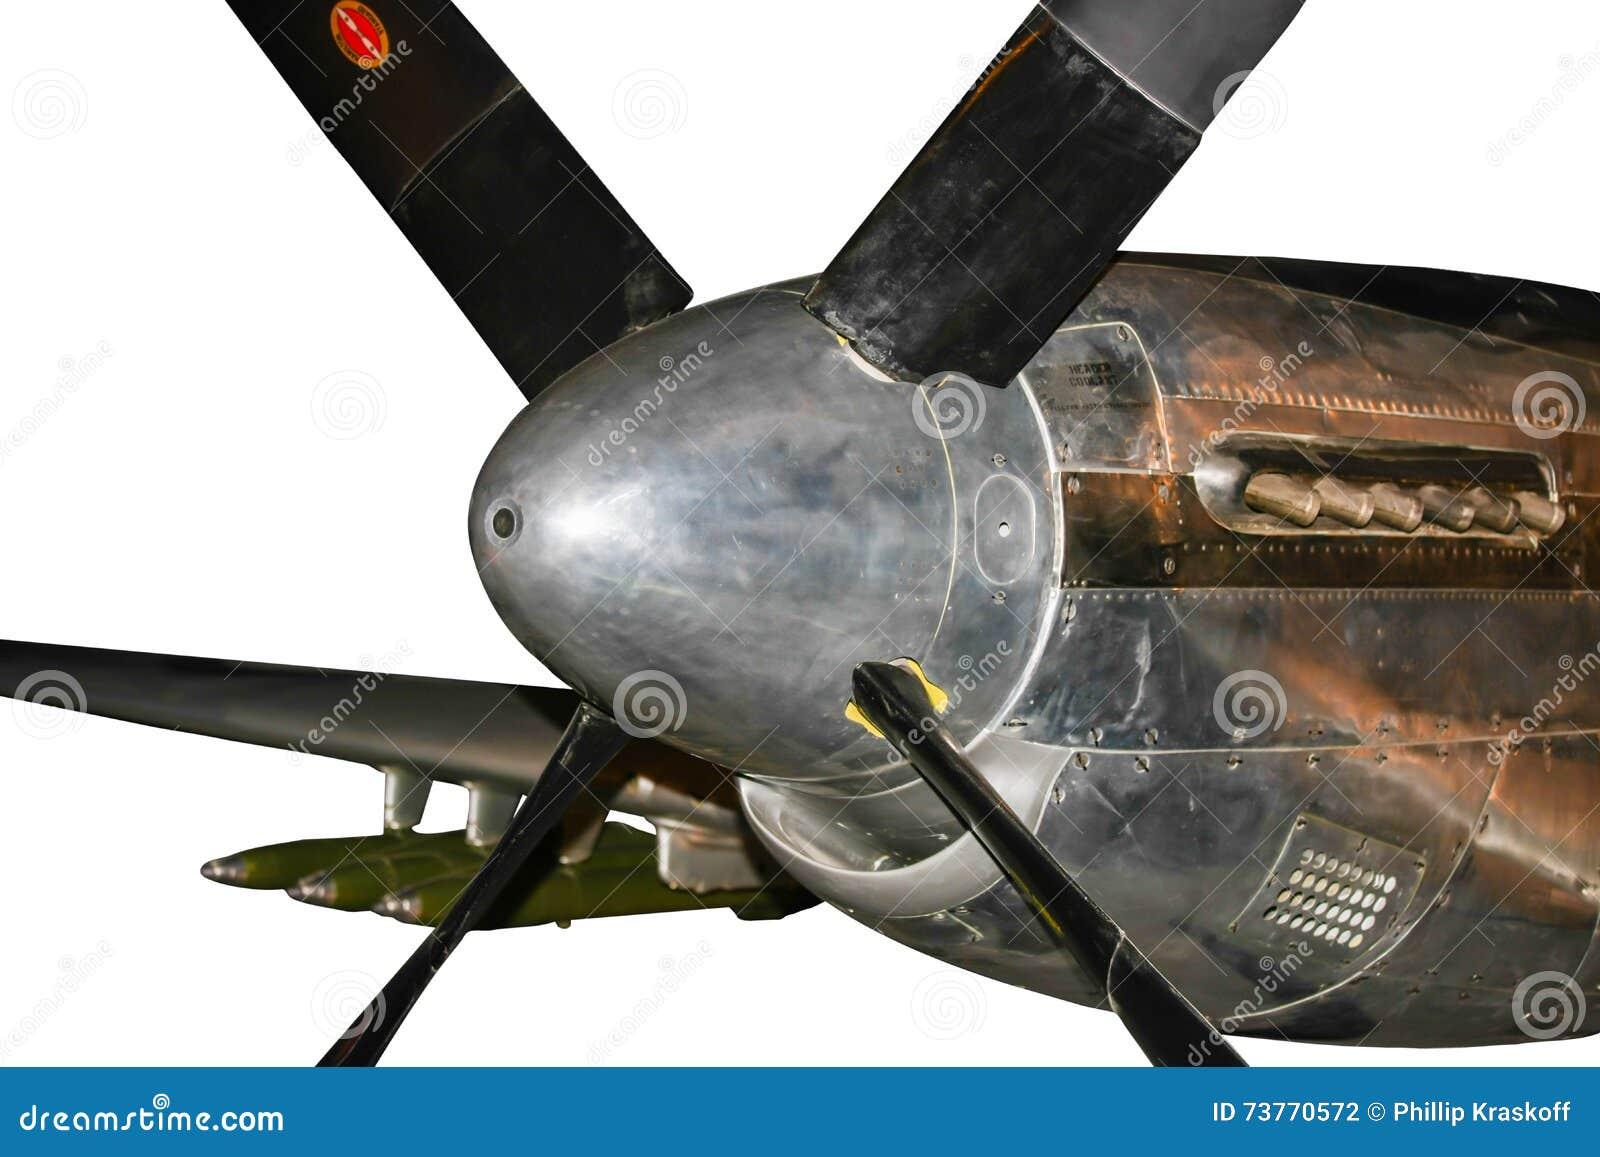 Aereo Da Caccia Americano : Motore di aereo da caccia americano della seconda guerra